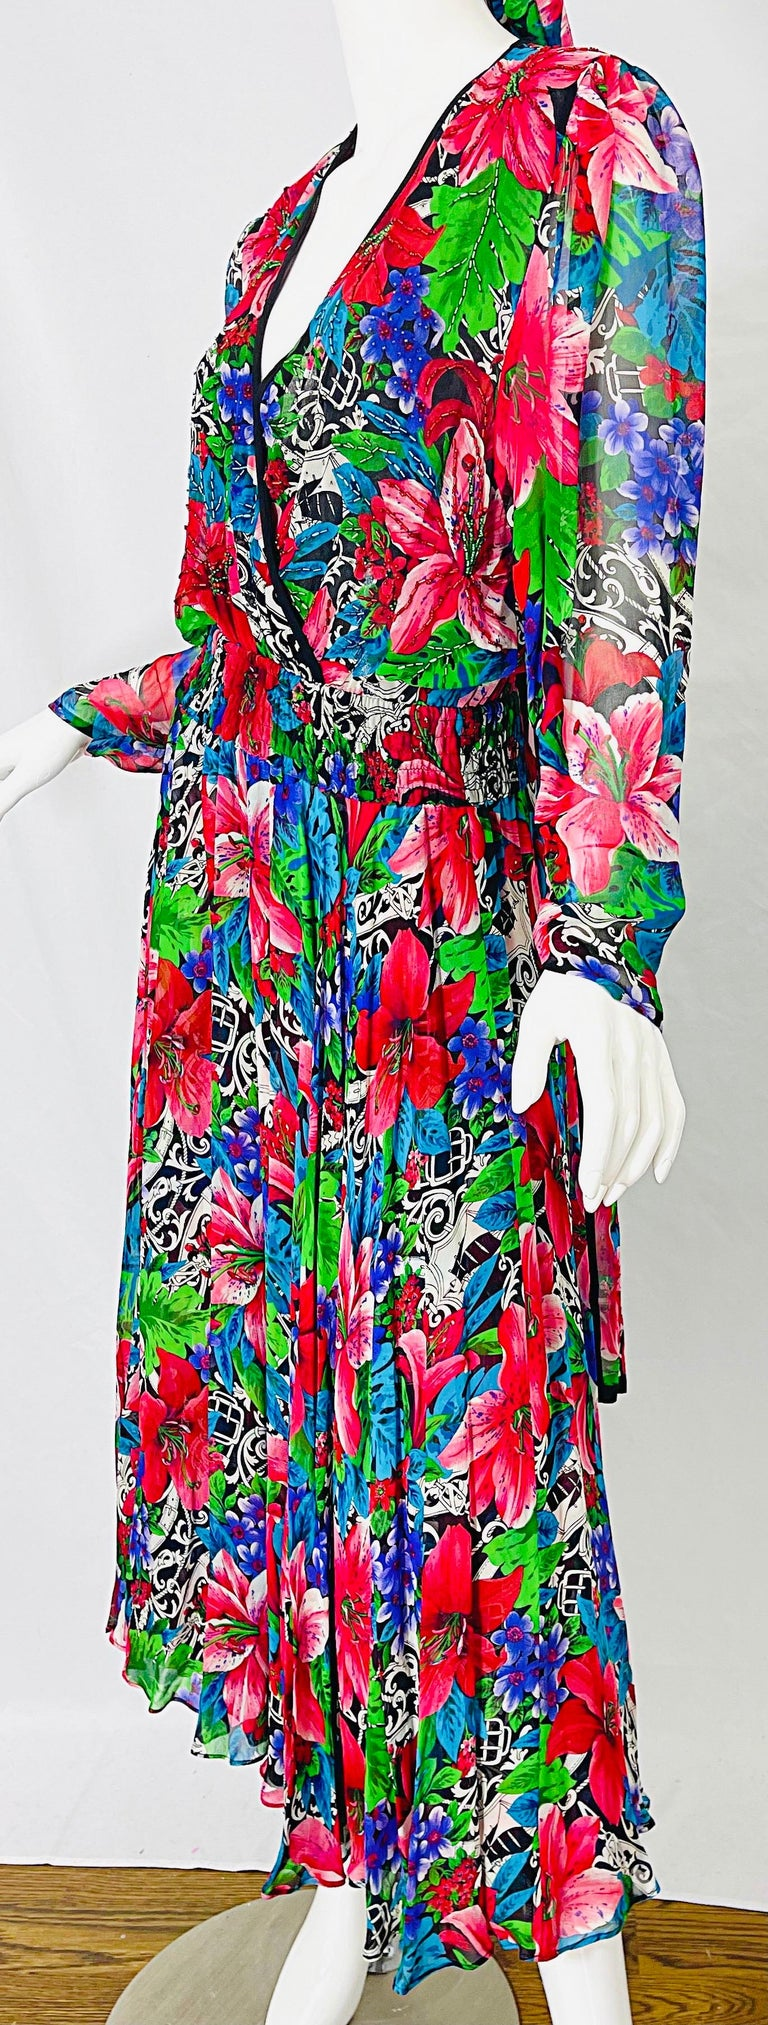 Vintage Diane Freis Silk Chiffon Beaded Tropical Print Midi Dress + Sash For Sale 8